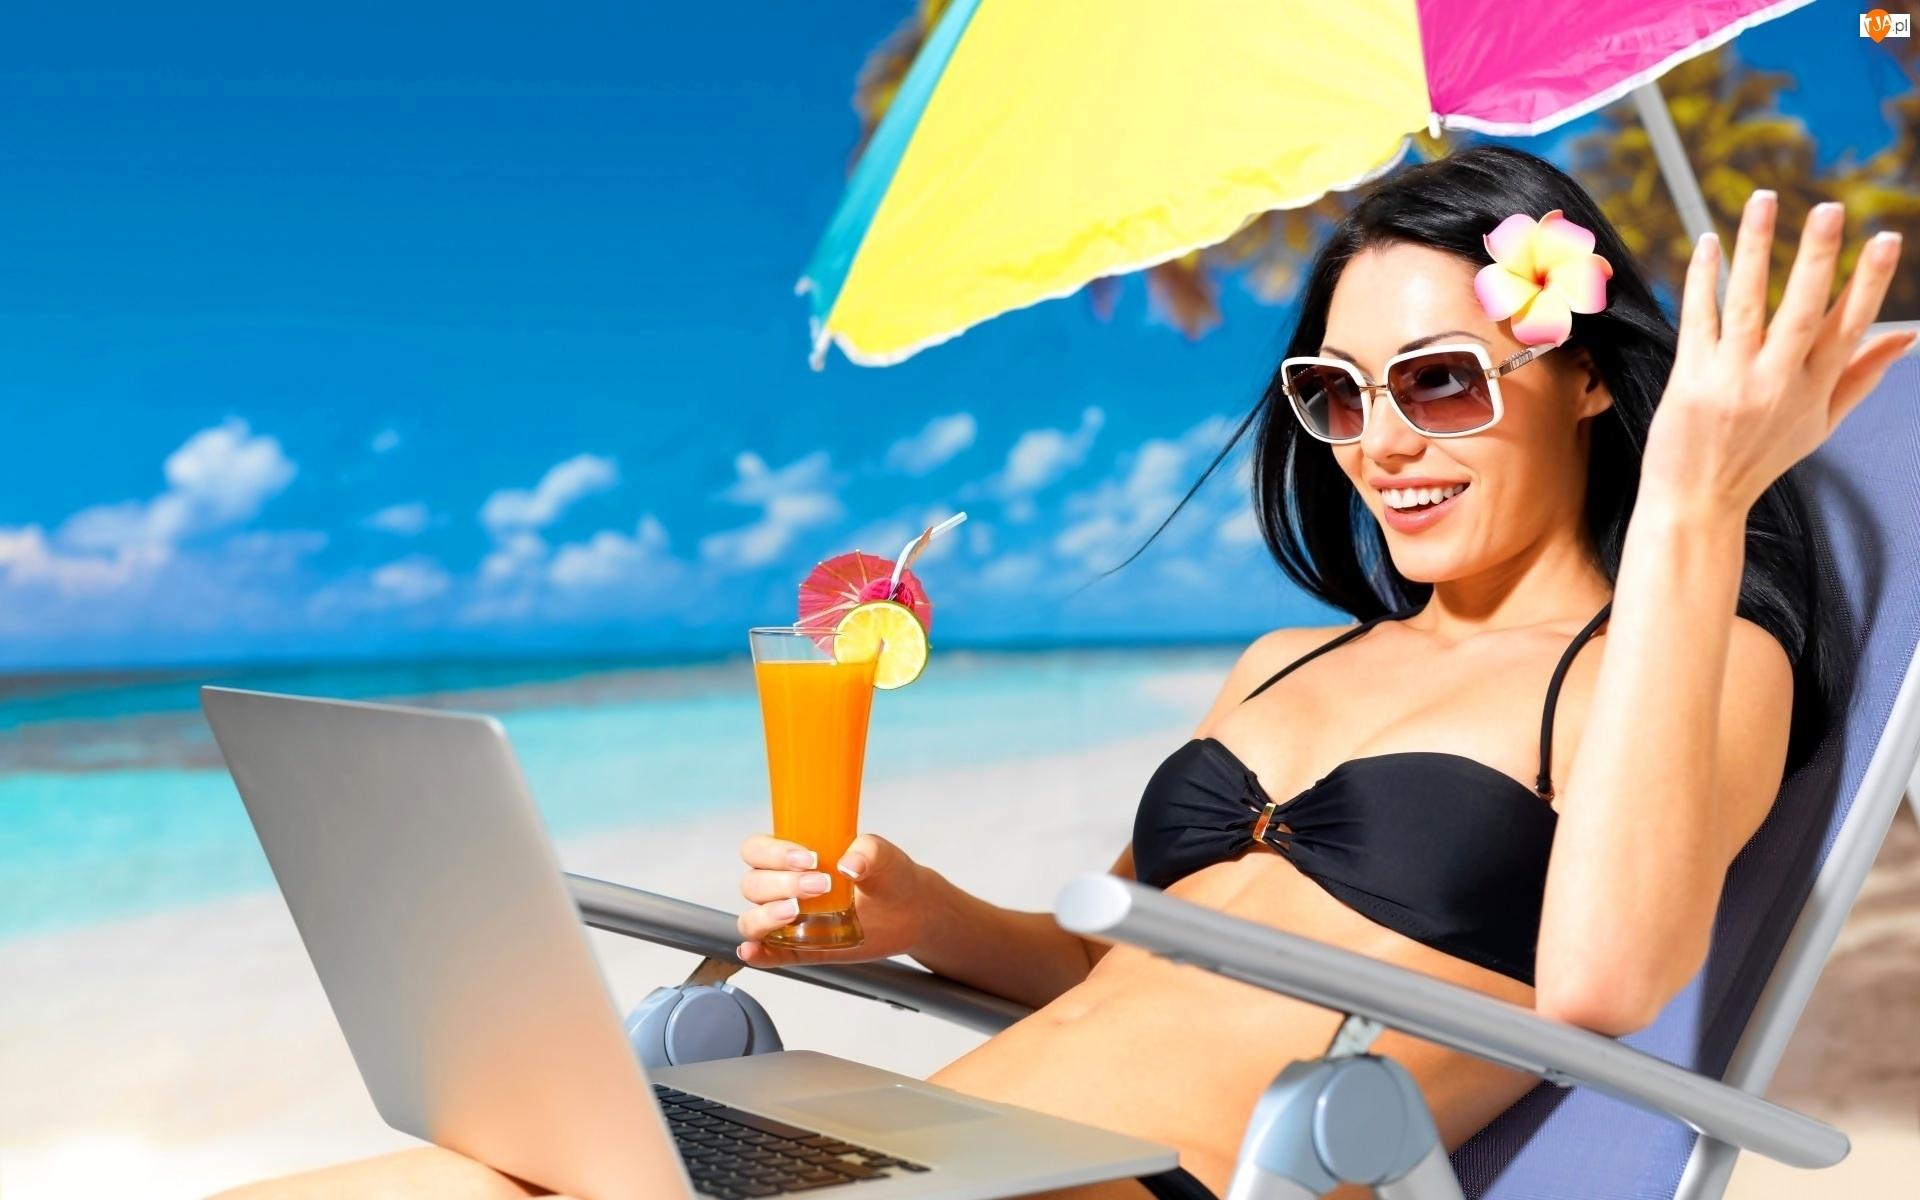 Kobieta, Drink, Morze, Laptop, Plaża, Okulary